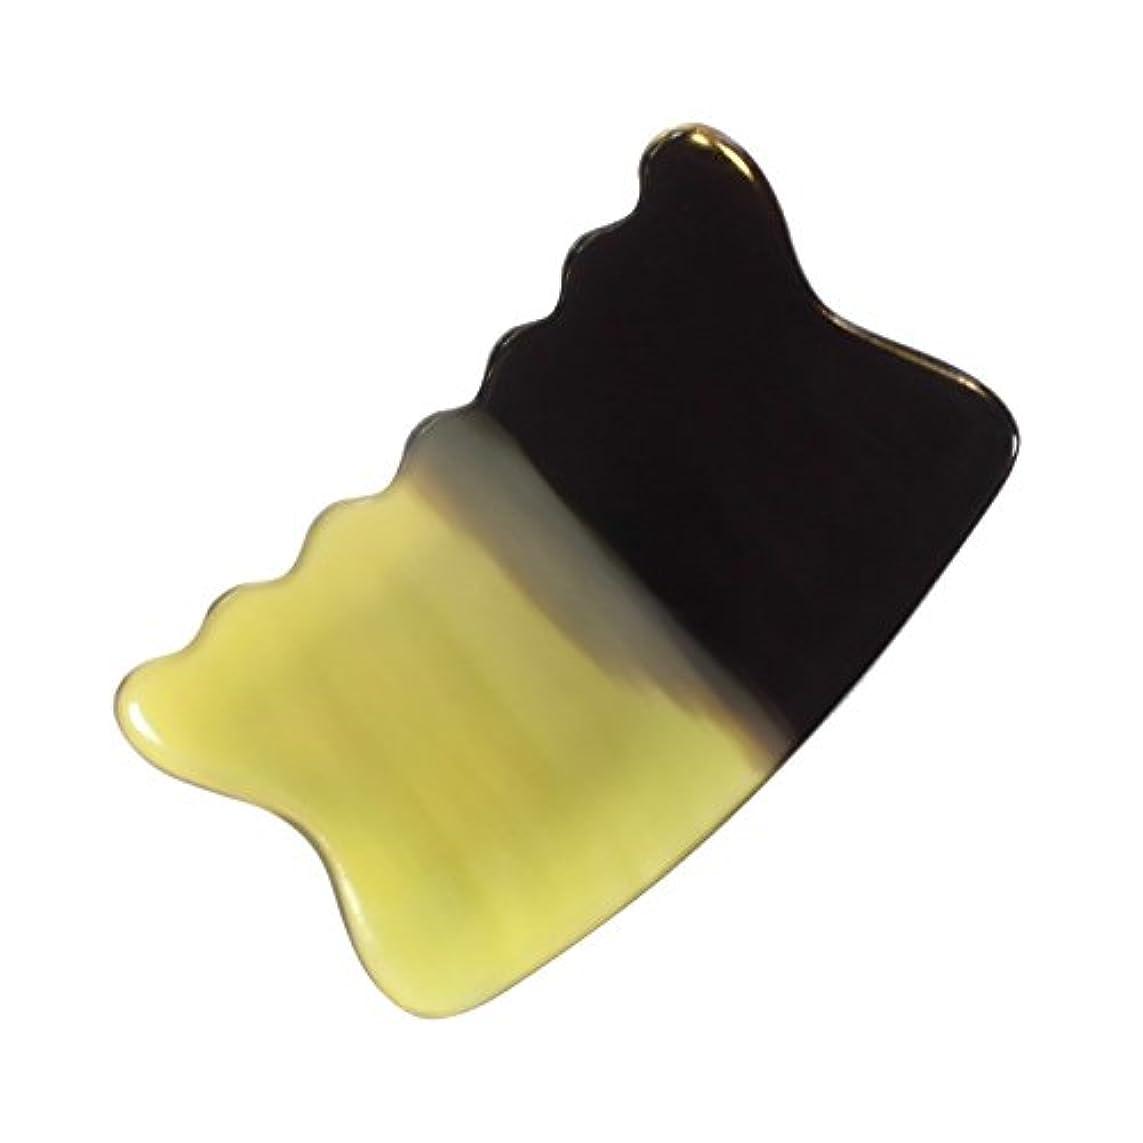 インポートタブレットシーボードかっさ プレート 希少60 黄水牛角 極美品 曲波型